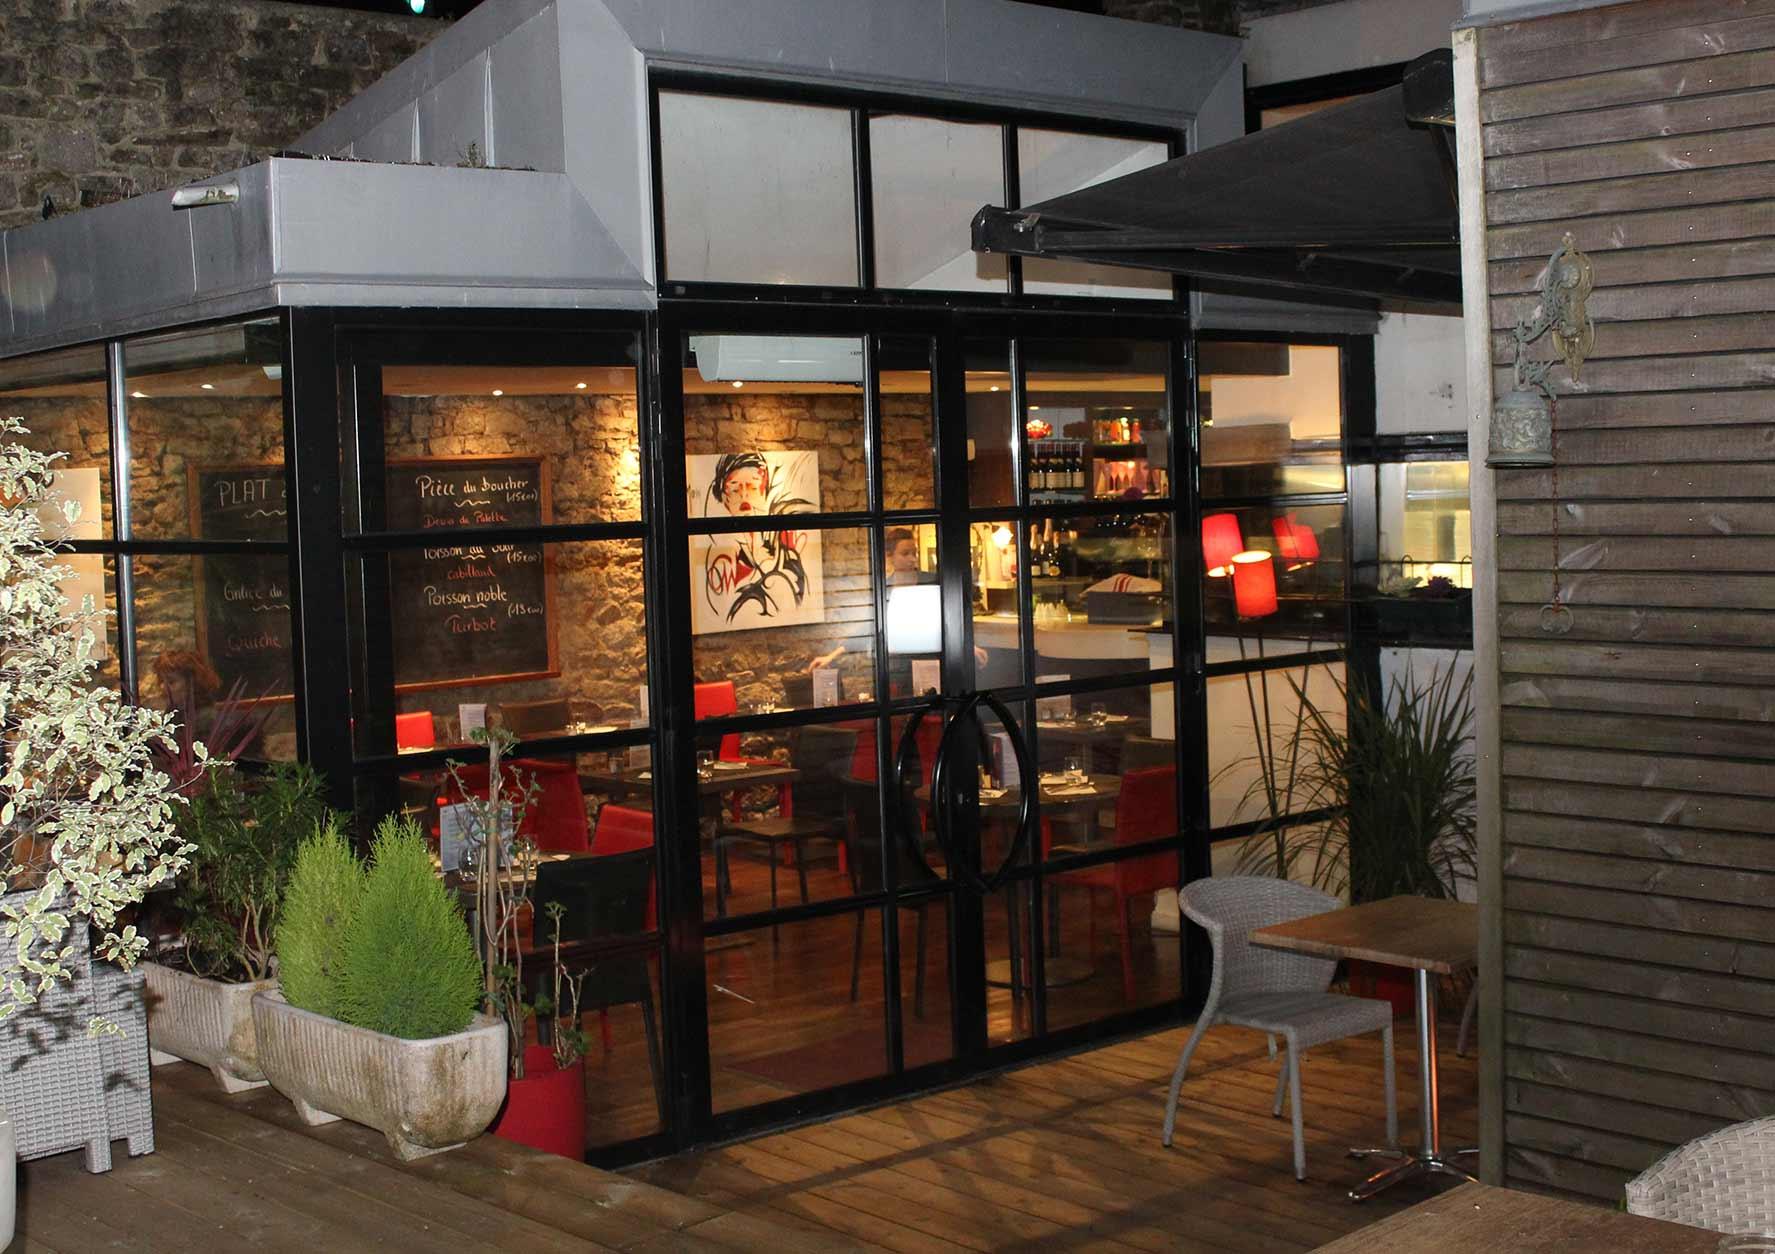 Restaurant-à-Quimper-restaurant-Quimper-sur-les-Quiais-Top-restaurant-Kemper-ville-de-Quimper-29000-touristique_gastronomie568954xxxxx5